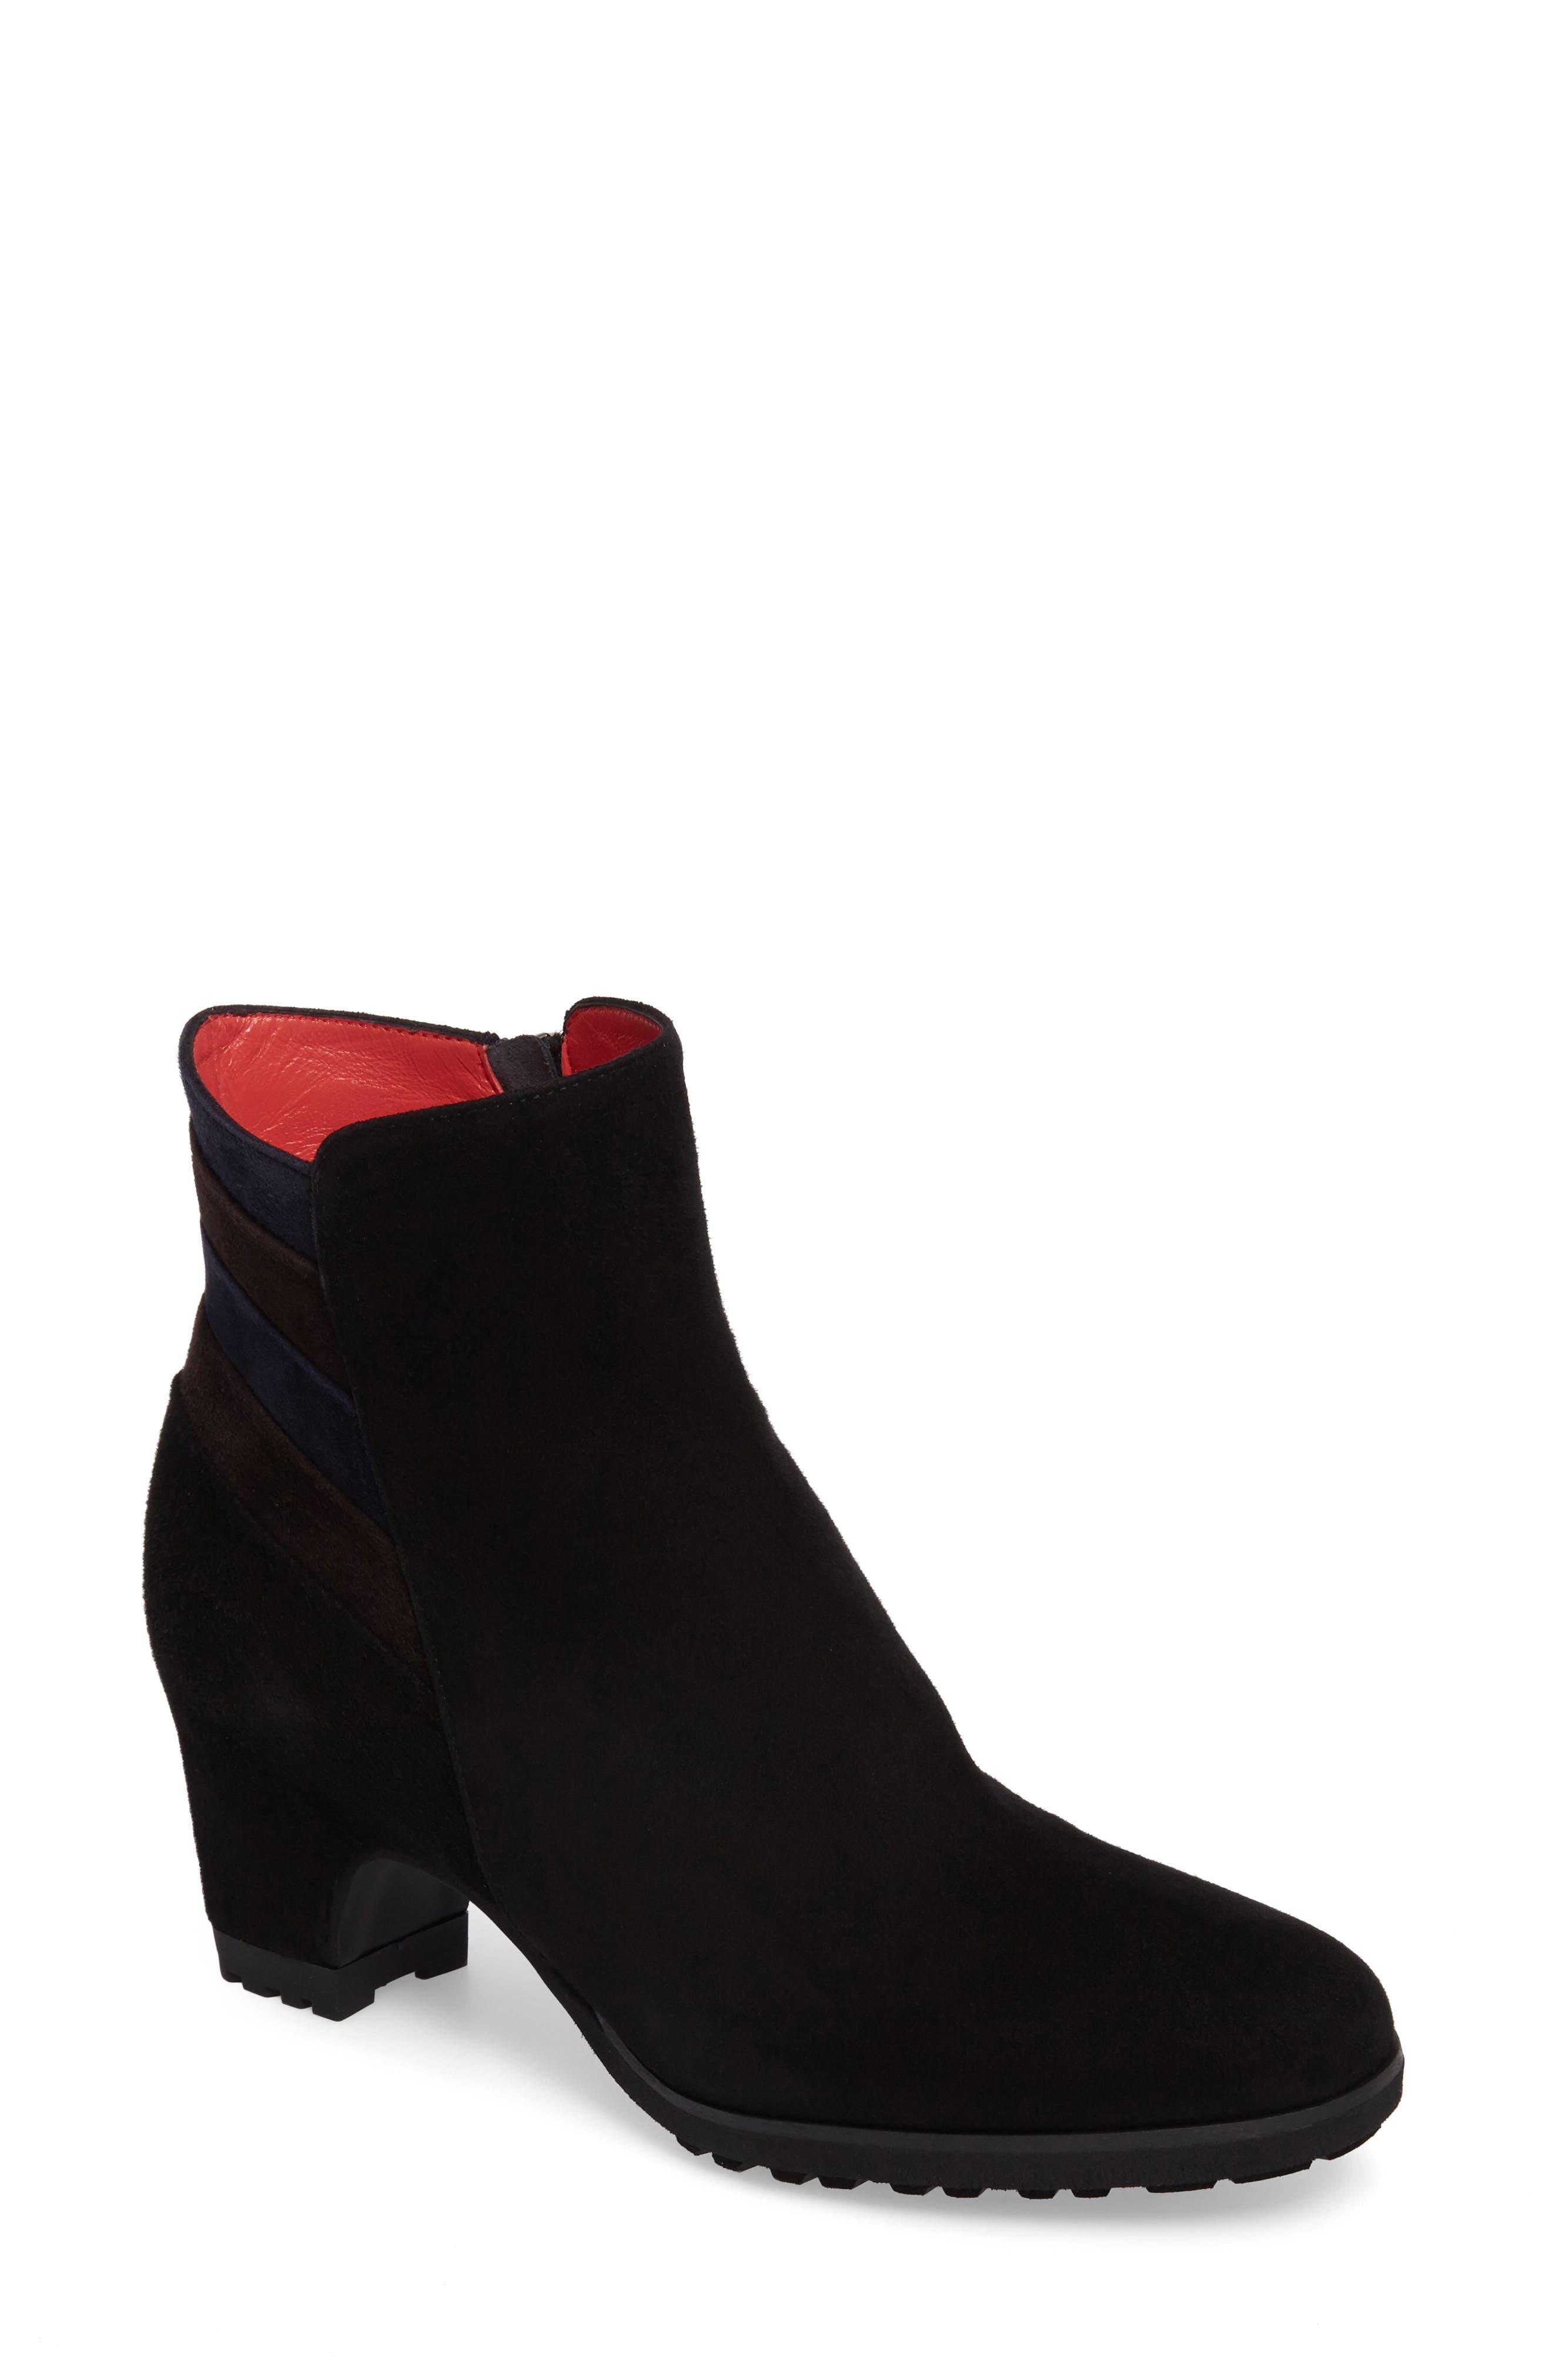 Alternate Image 1 Selected - Pas de Rouge Block Heel Bootie (Women)